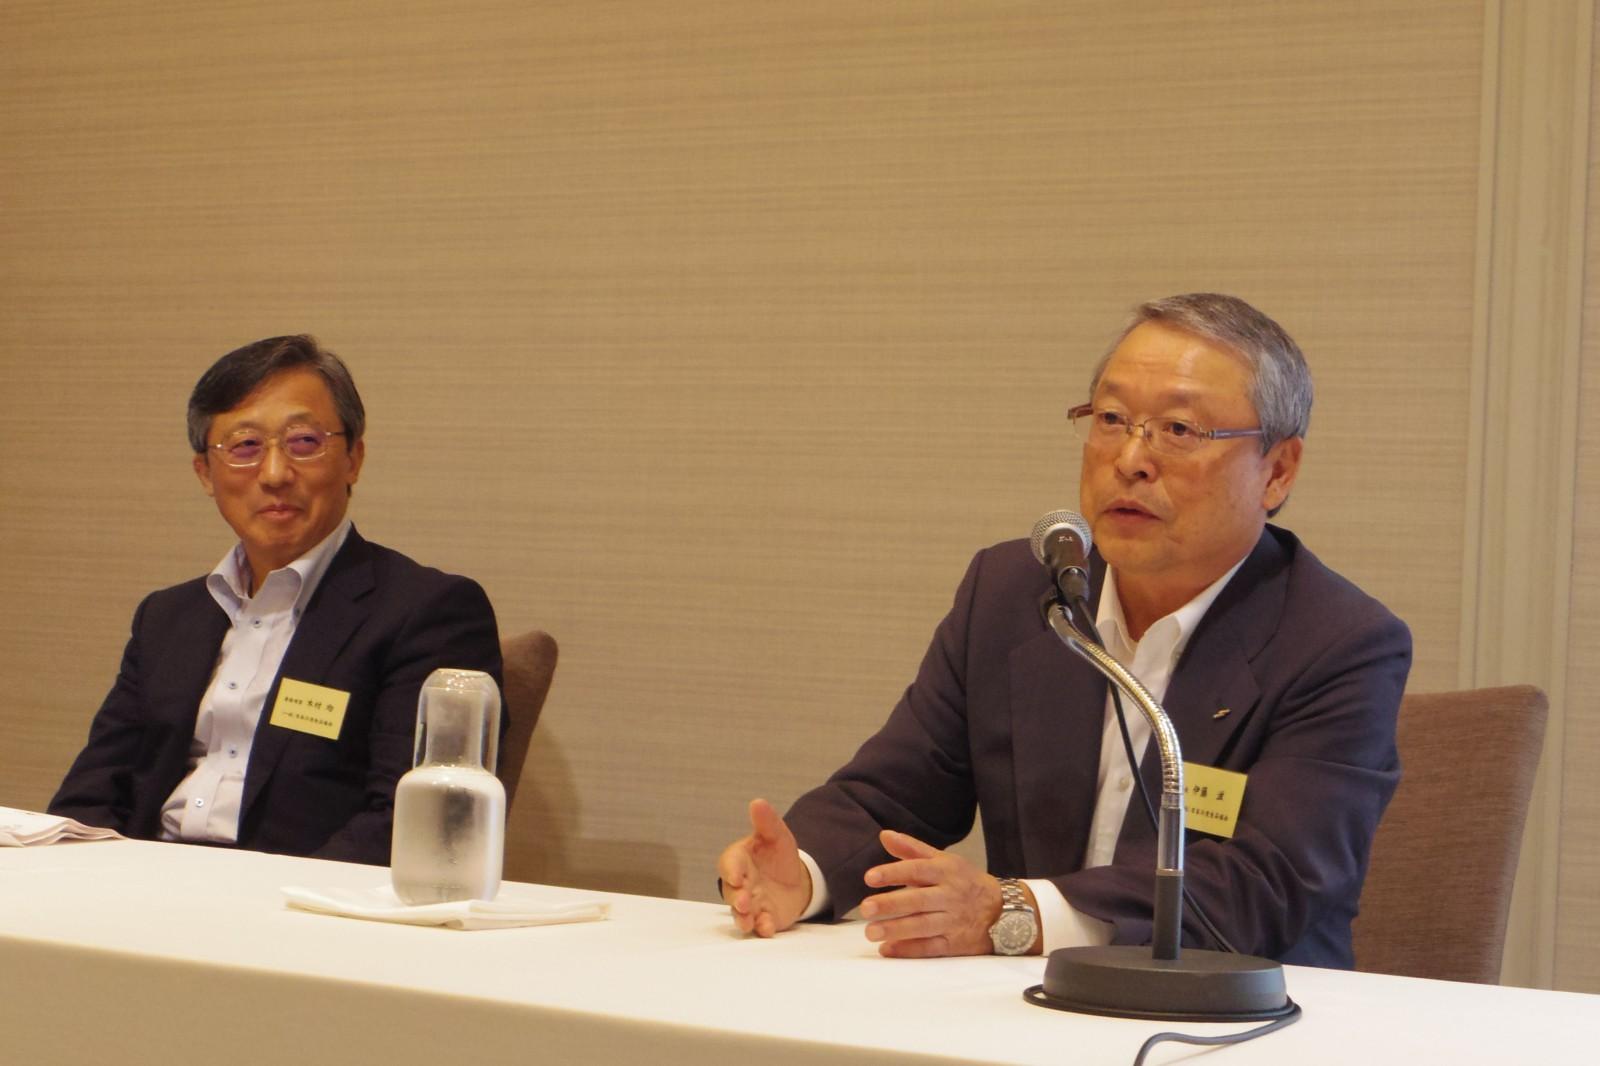 伊藤会長から伊藤会長へのバトンタッチ(冷凍食品協会)